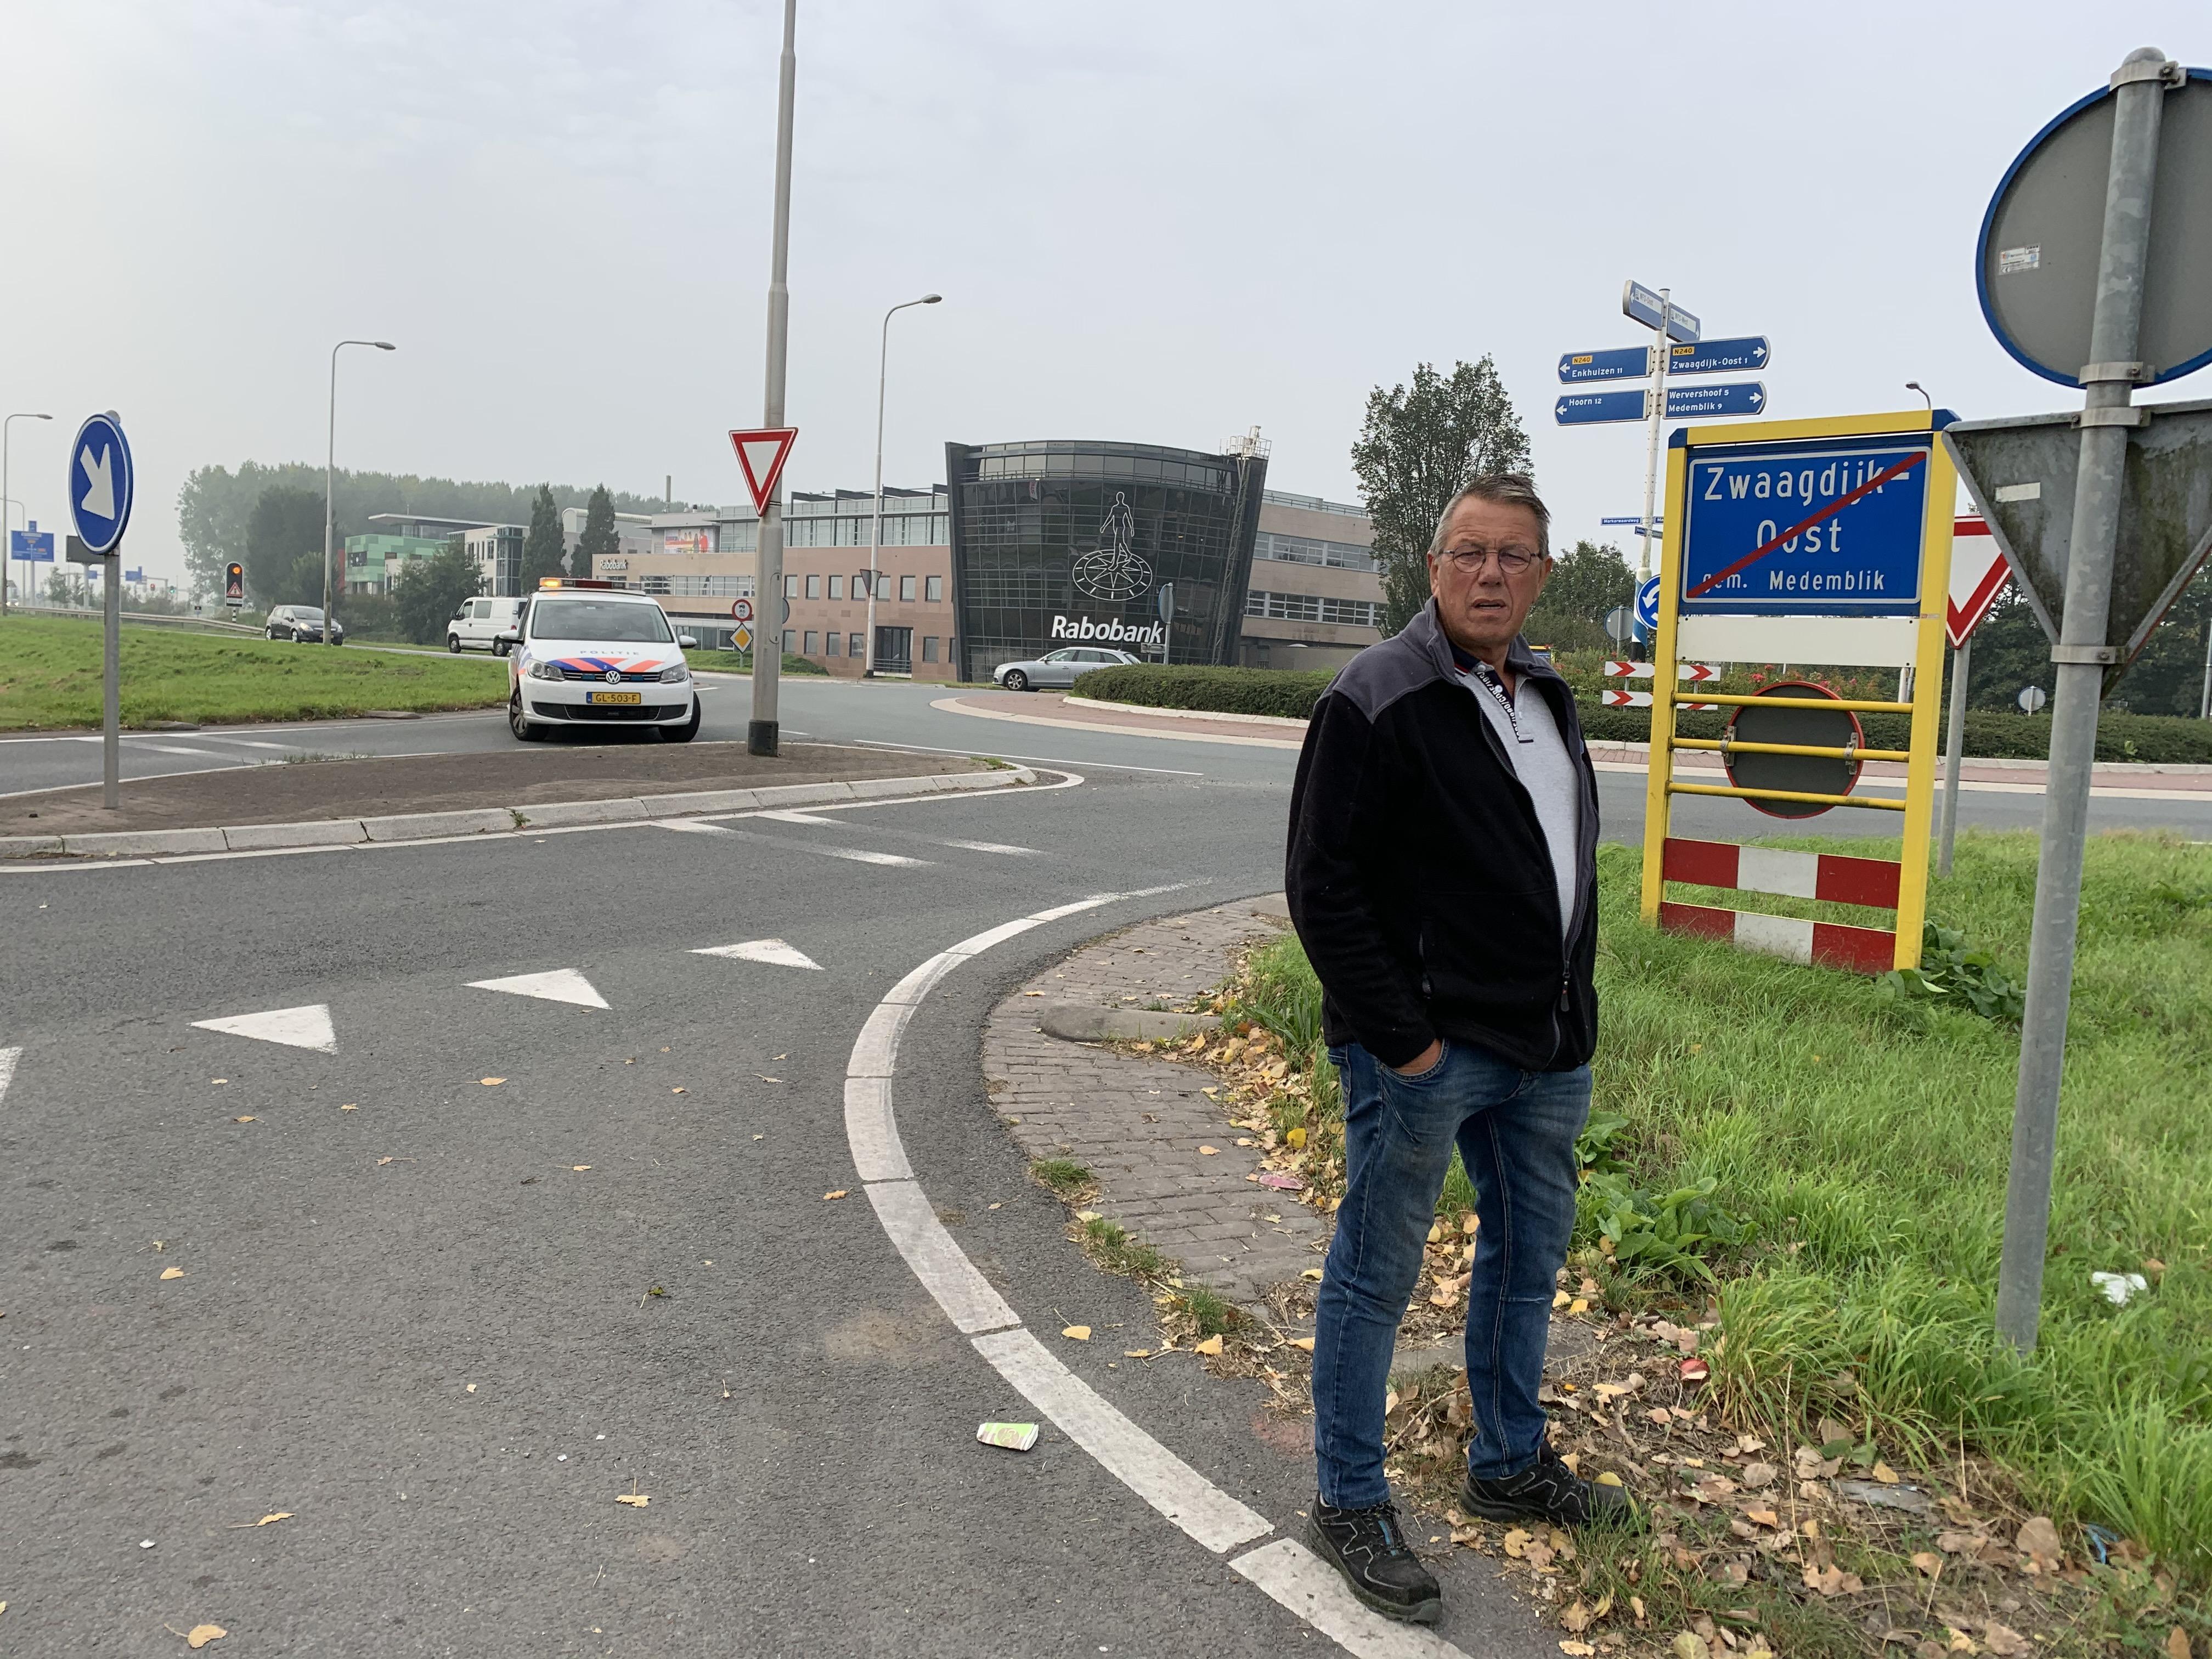 Zwaar ongeval met fietser Zwaagdijk; 'Je kon erop wachten'